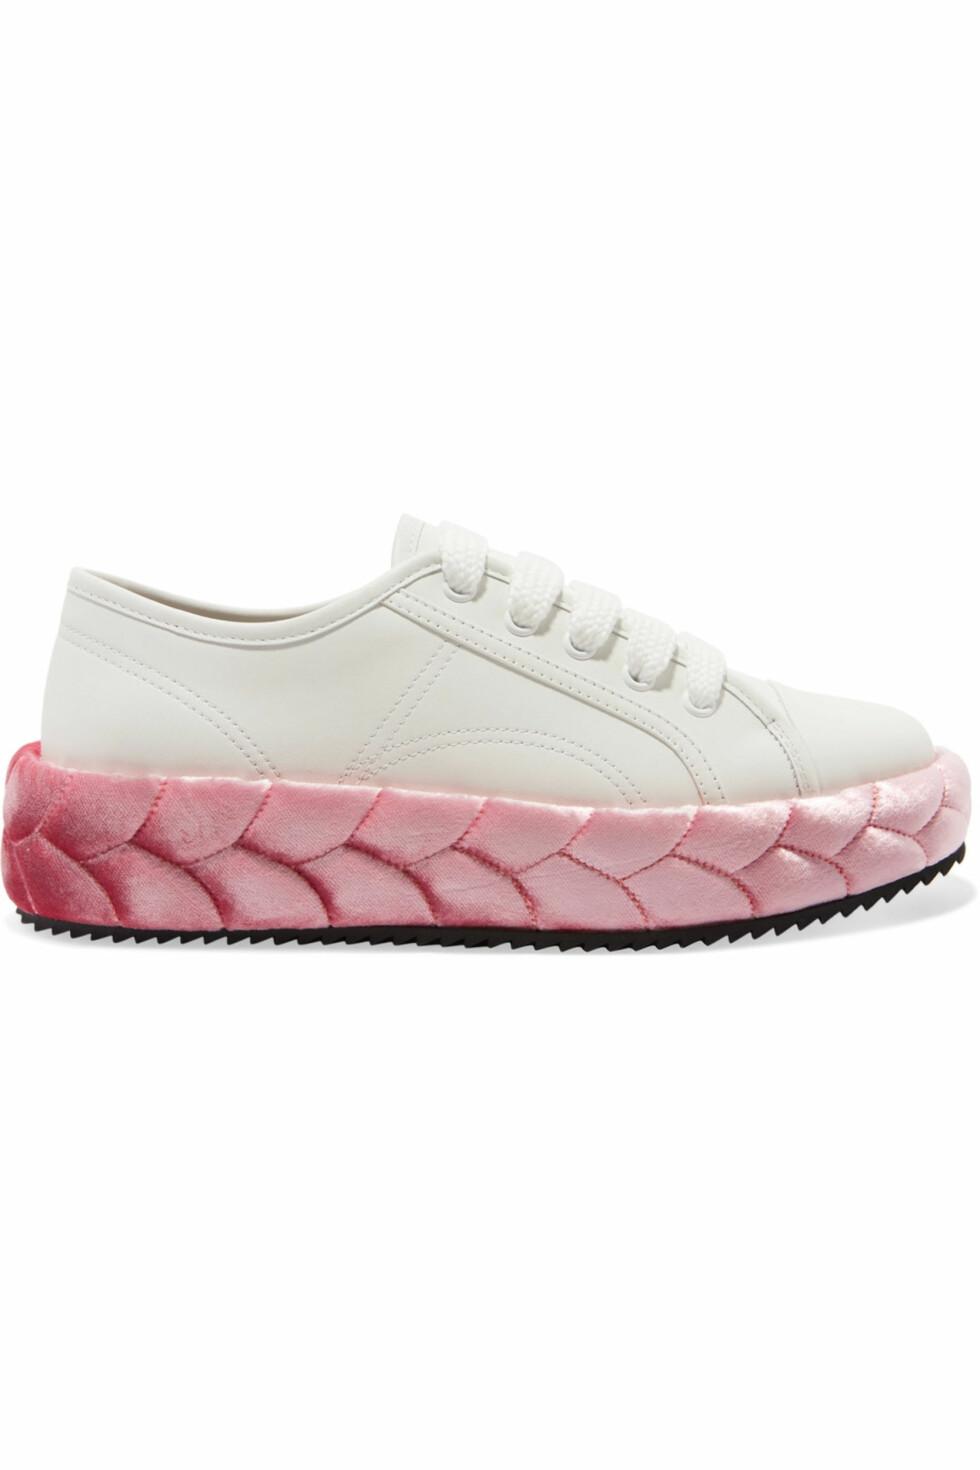 Sneakers med flettesåle fra Marco De Vincenzo |kr 6400 | http://apprl.com/sv/pd/4MNt/